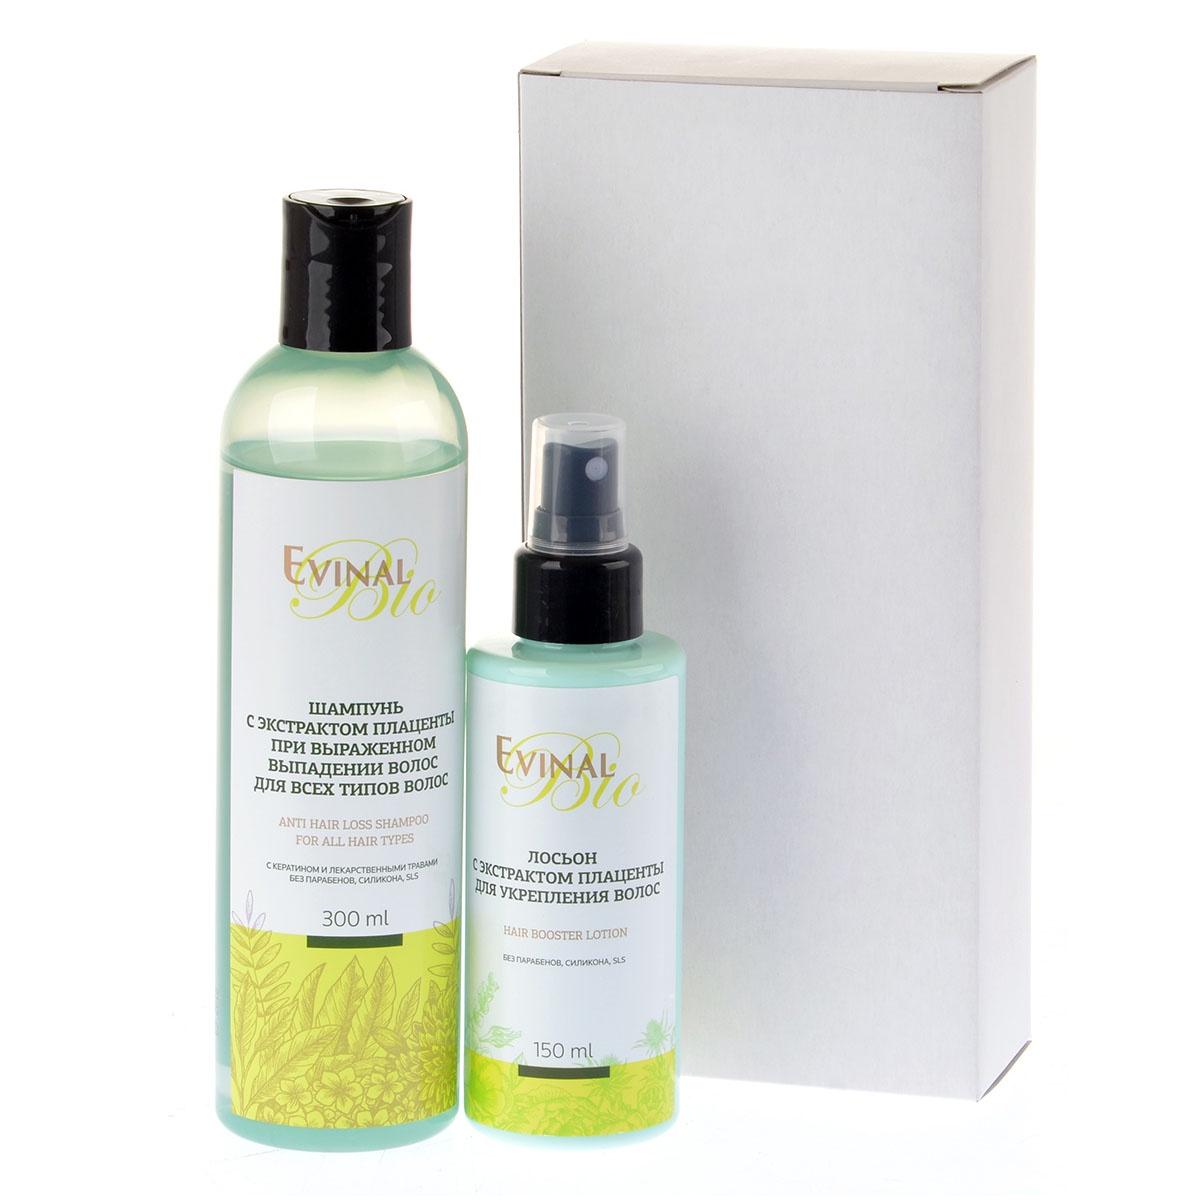 EVINAL-Набор для волос с экстрактом плаценты Шампунь при выраженном выпадении волос. 300мл. + Лосьон для укрепления волос. 150мл. для волос фаберлик